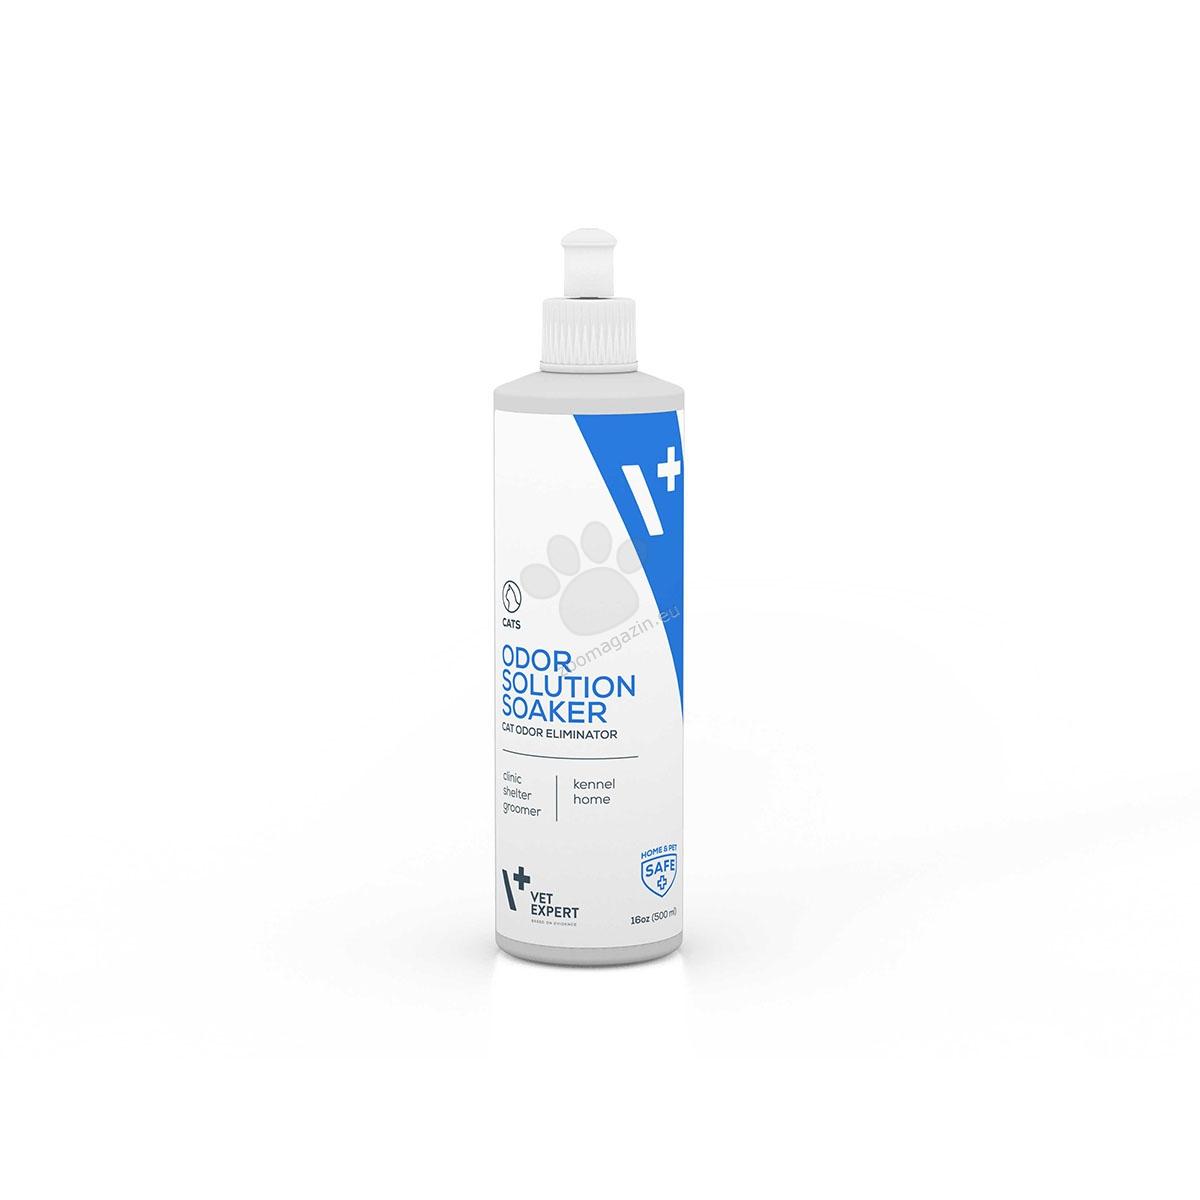 Vetexpert - Cat Odor Eliminator - елиминира всички котешки миризми 500 мл.